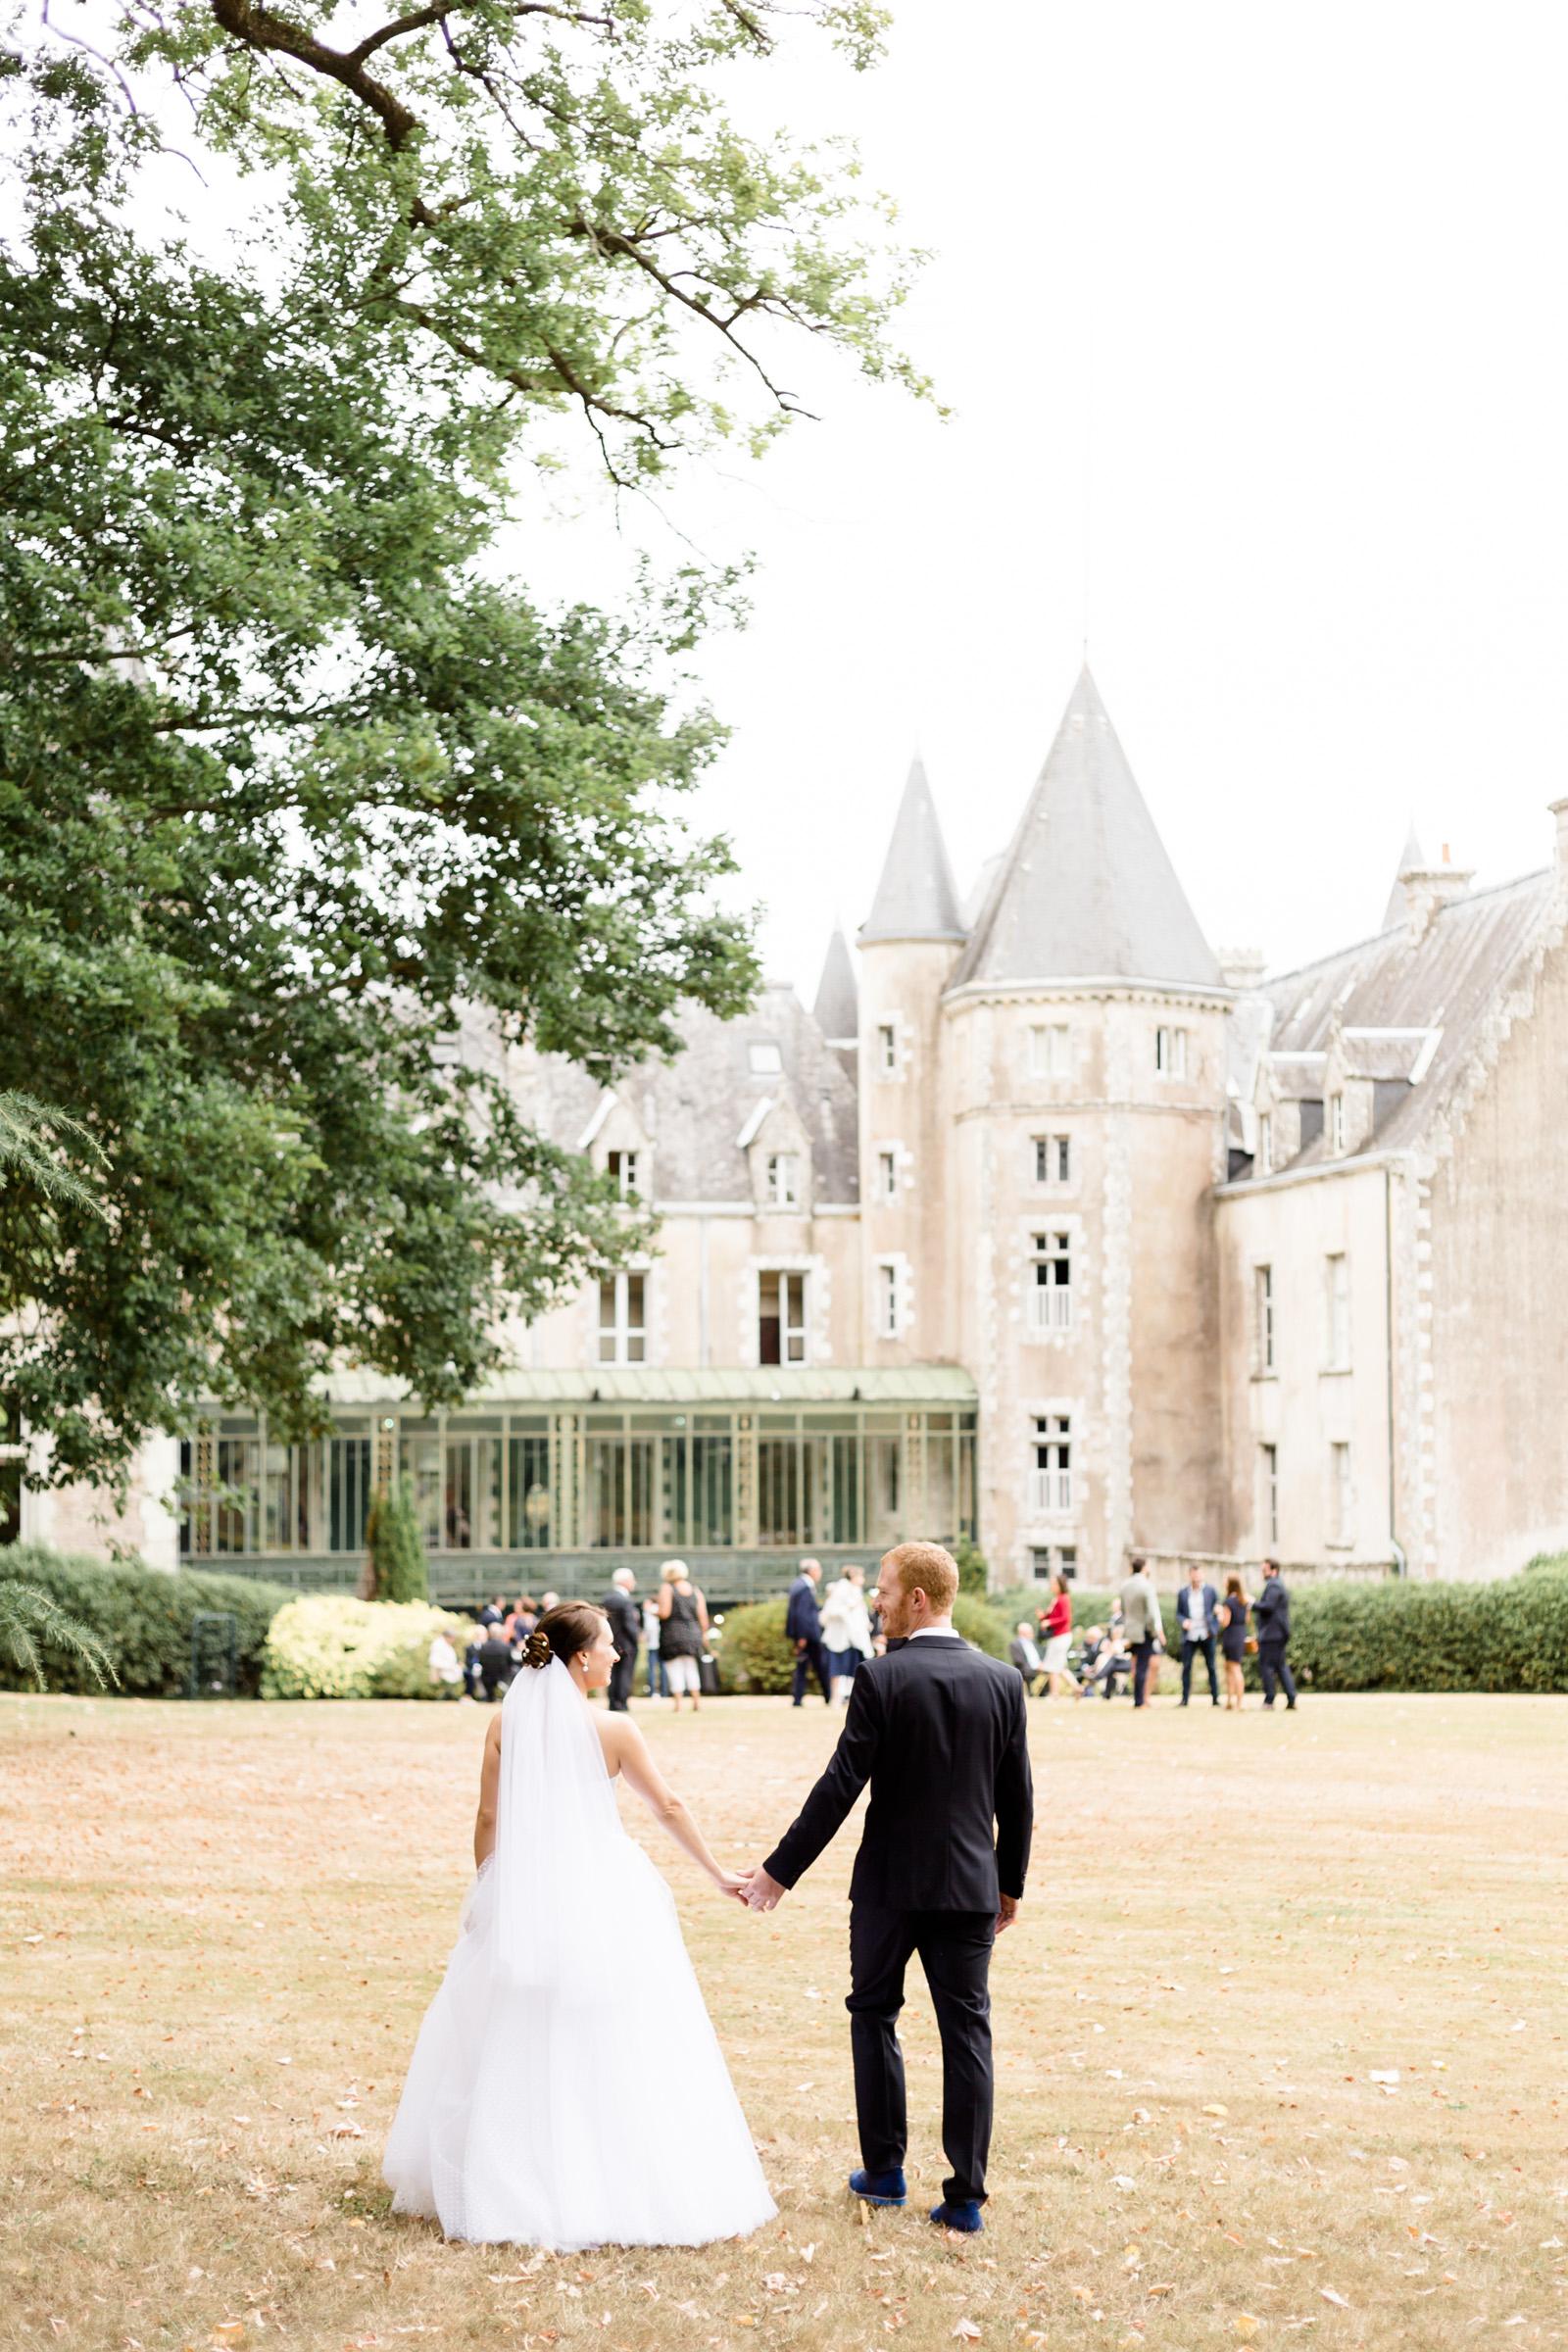 Photographe_-__Mariage_-_Vannes_-_Château_de_Tredion_-_LV__(164)